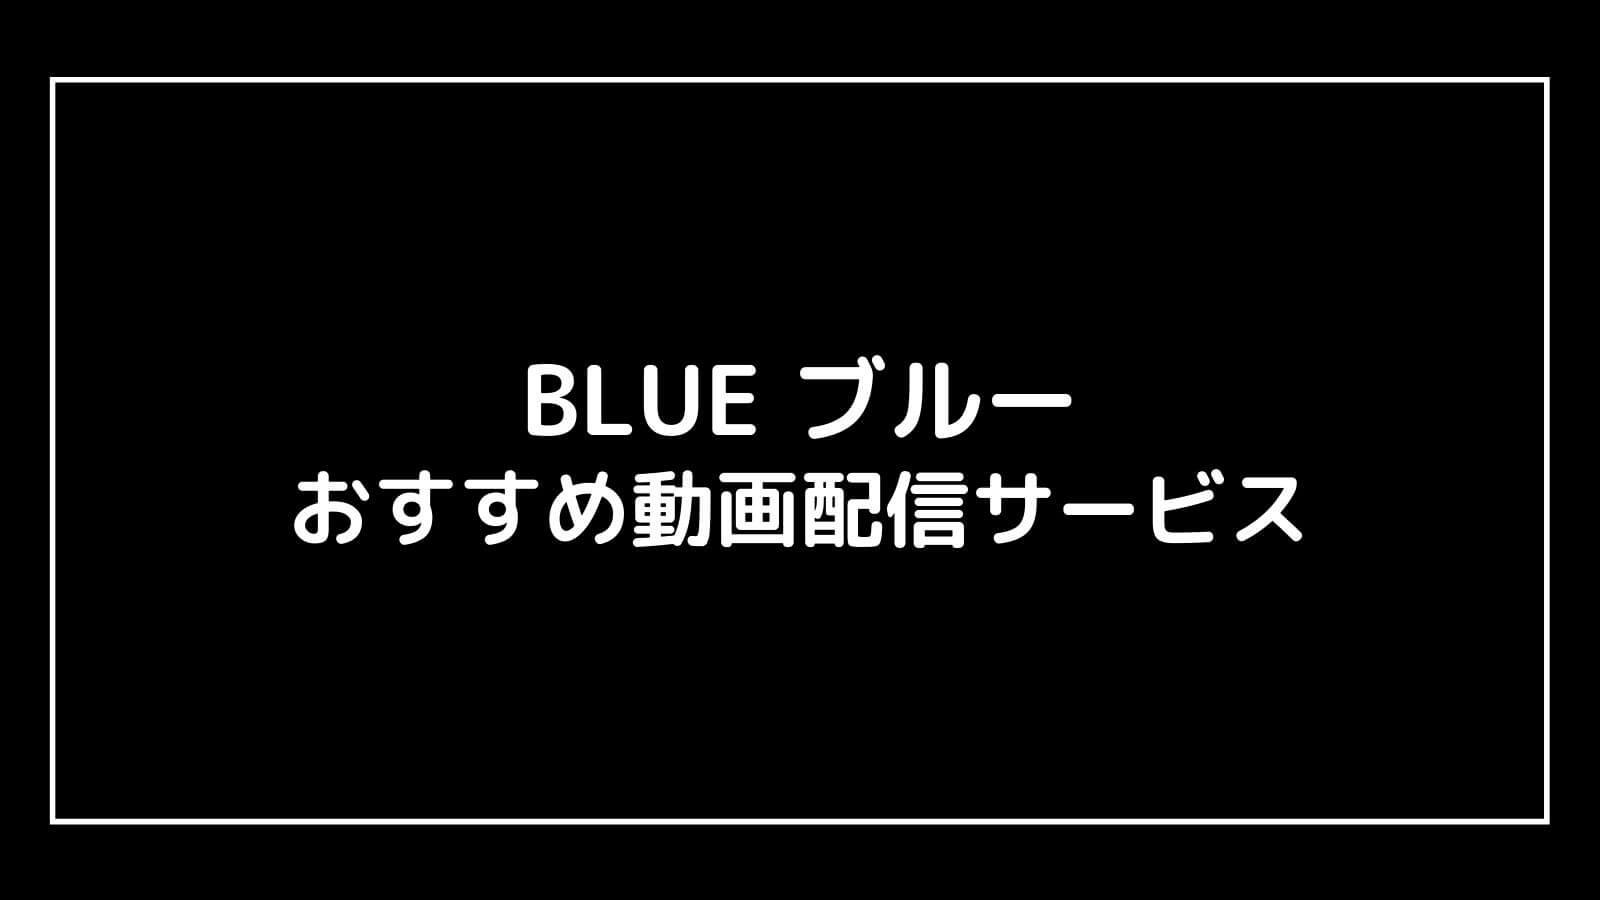 映画『BLUE ブルー』の無料動画をフル視聴できるおすすめ配信サービス